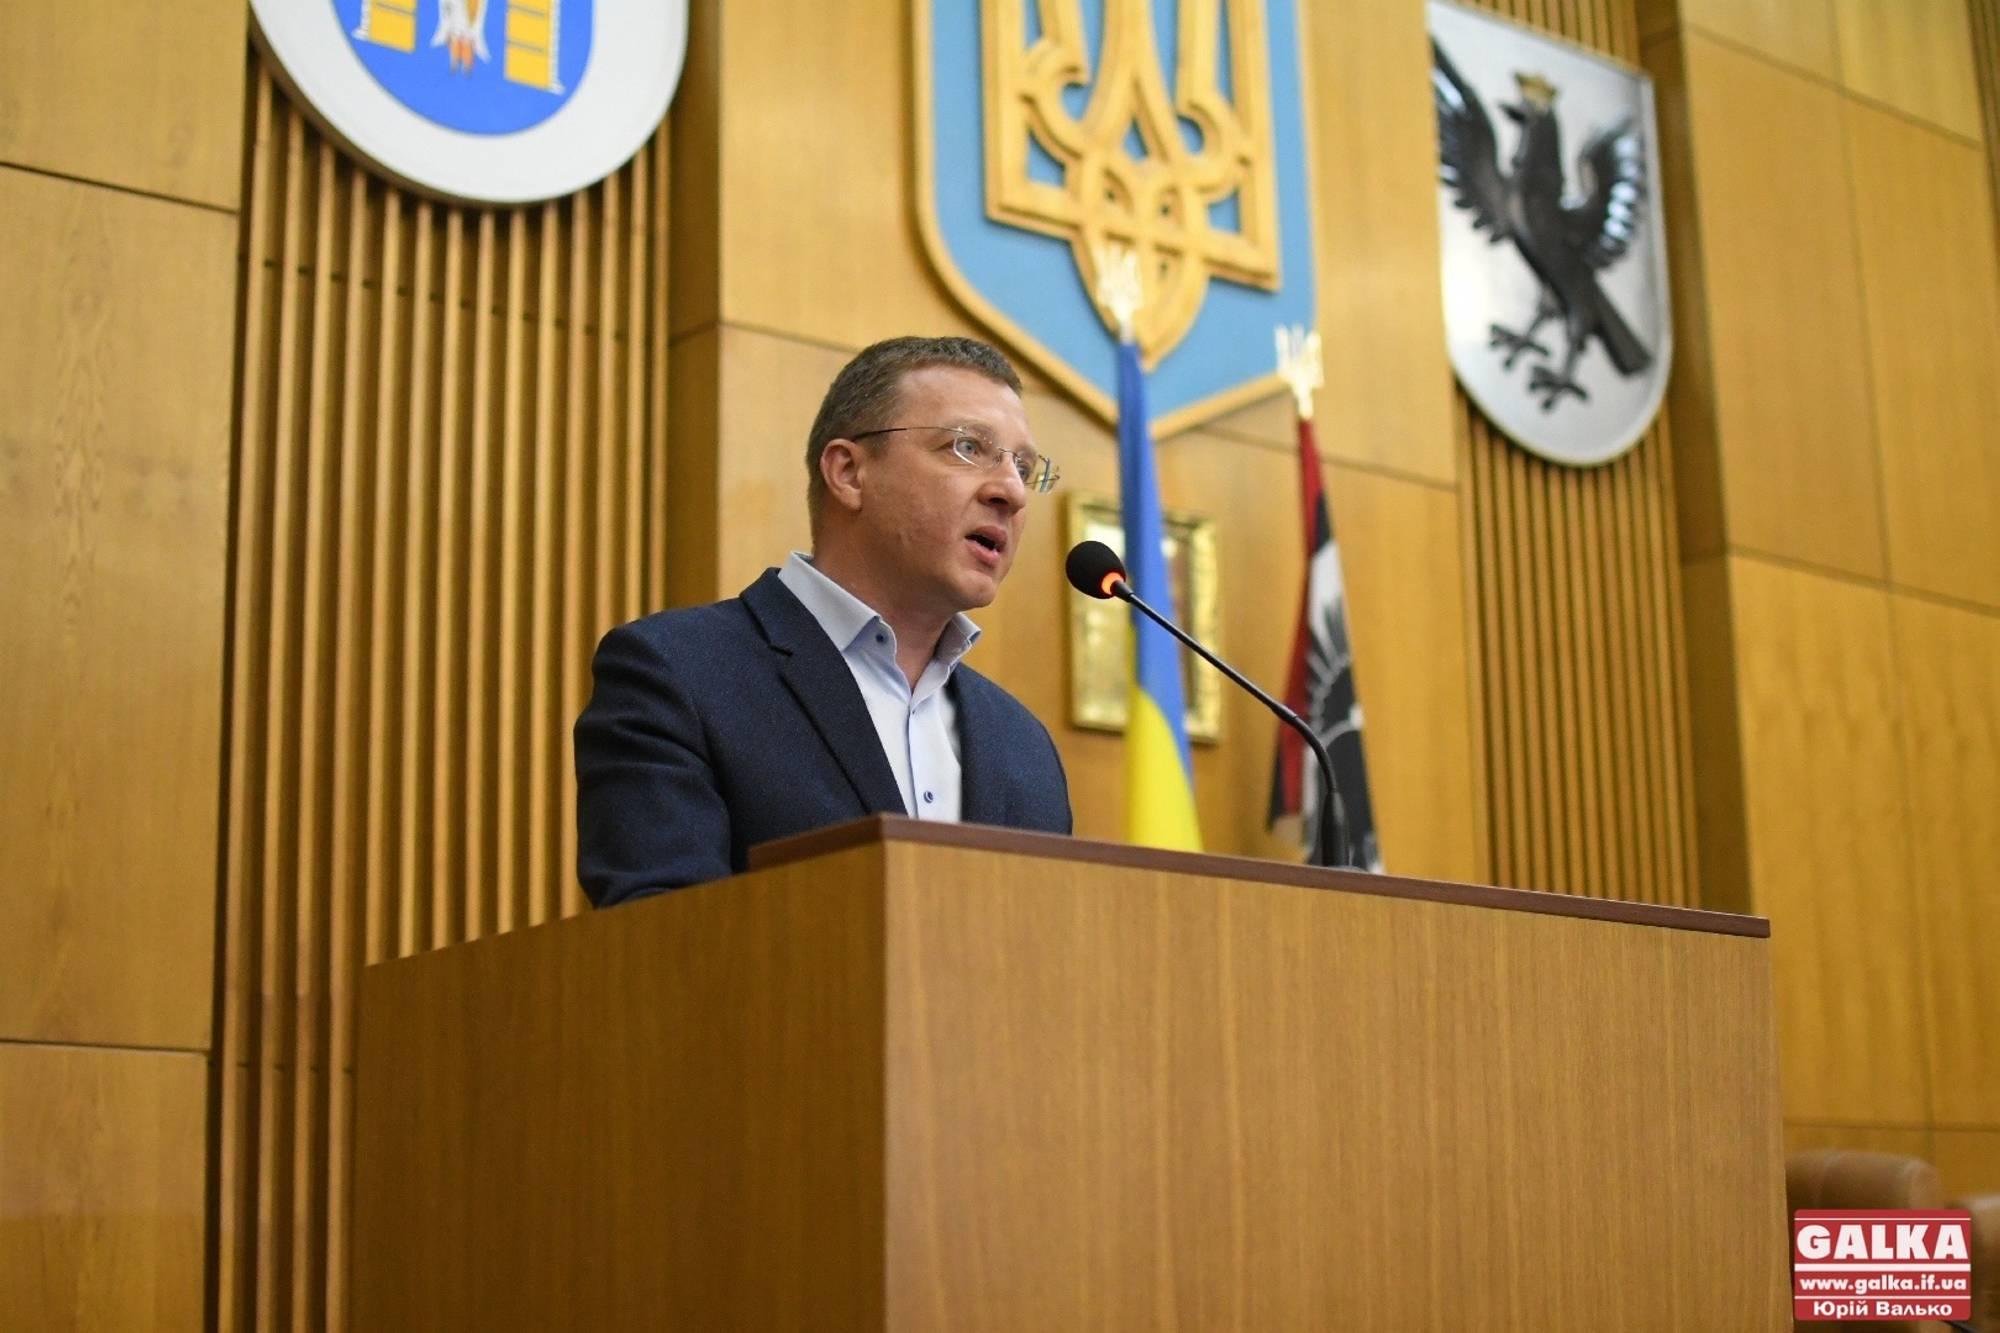 Депутати облради після суперечок вирішили вимагати перевиборів у 87 окрузі (ФОТО)